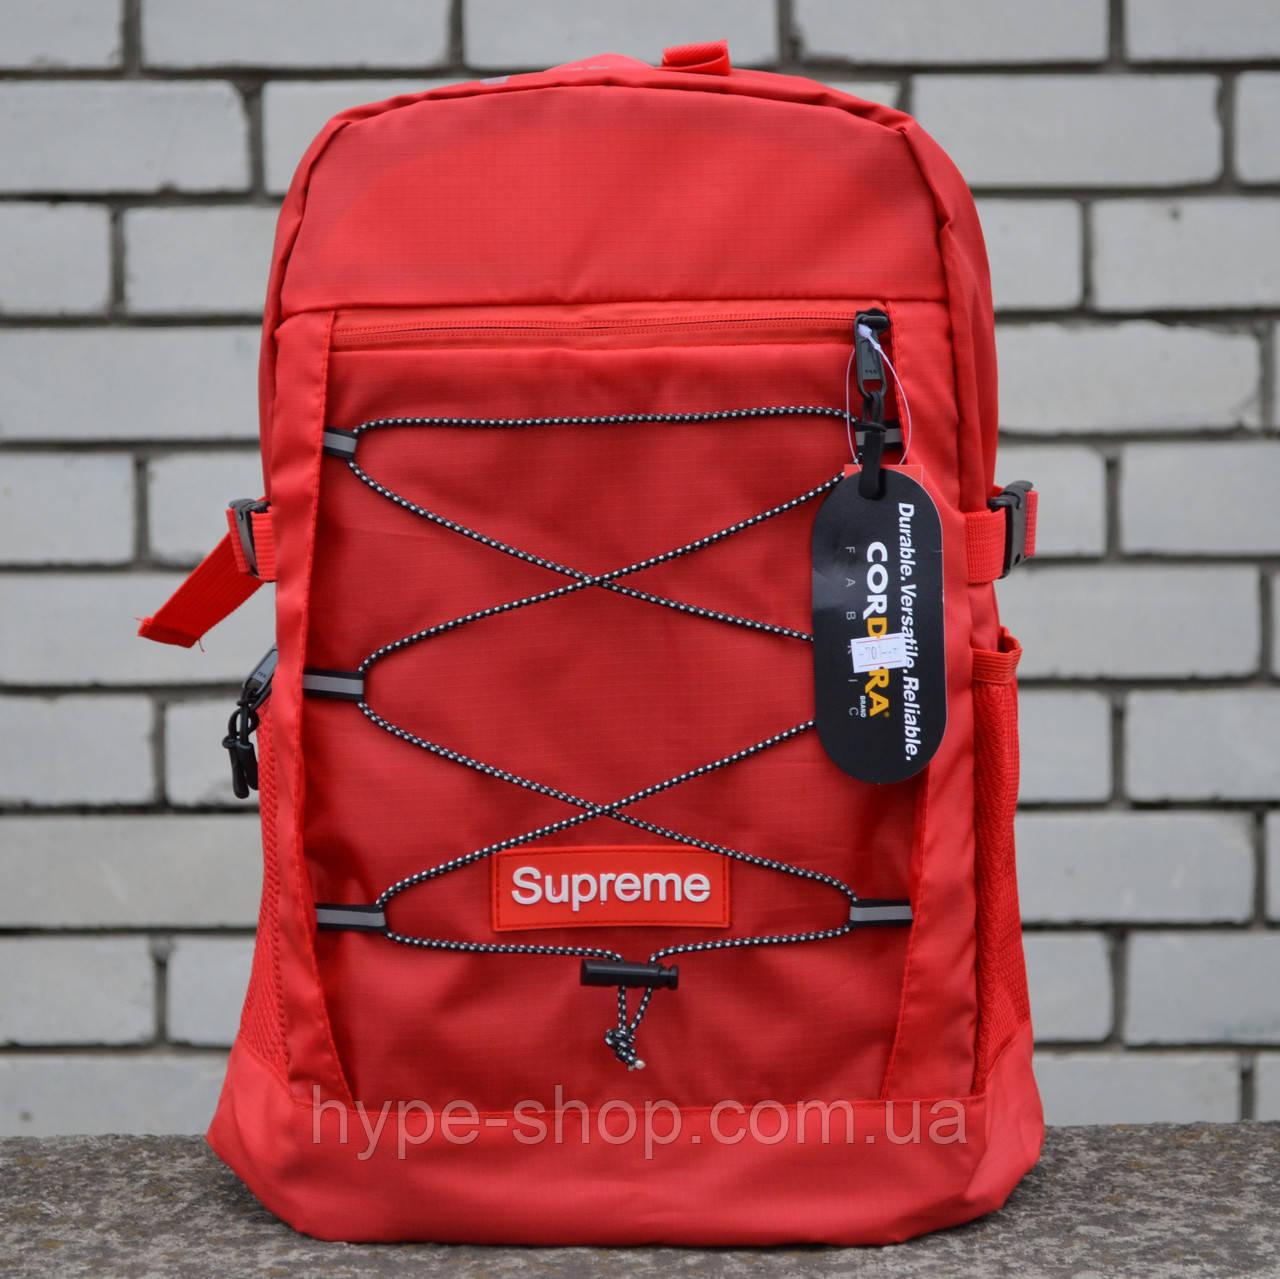 Рюкзак в стилі Supreme червоний